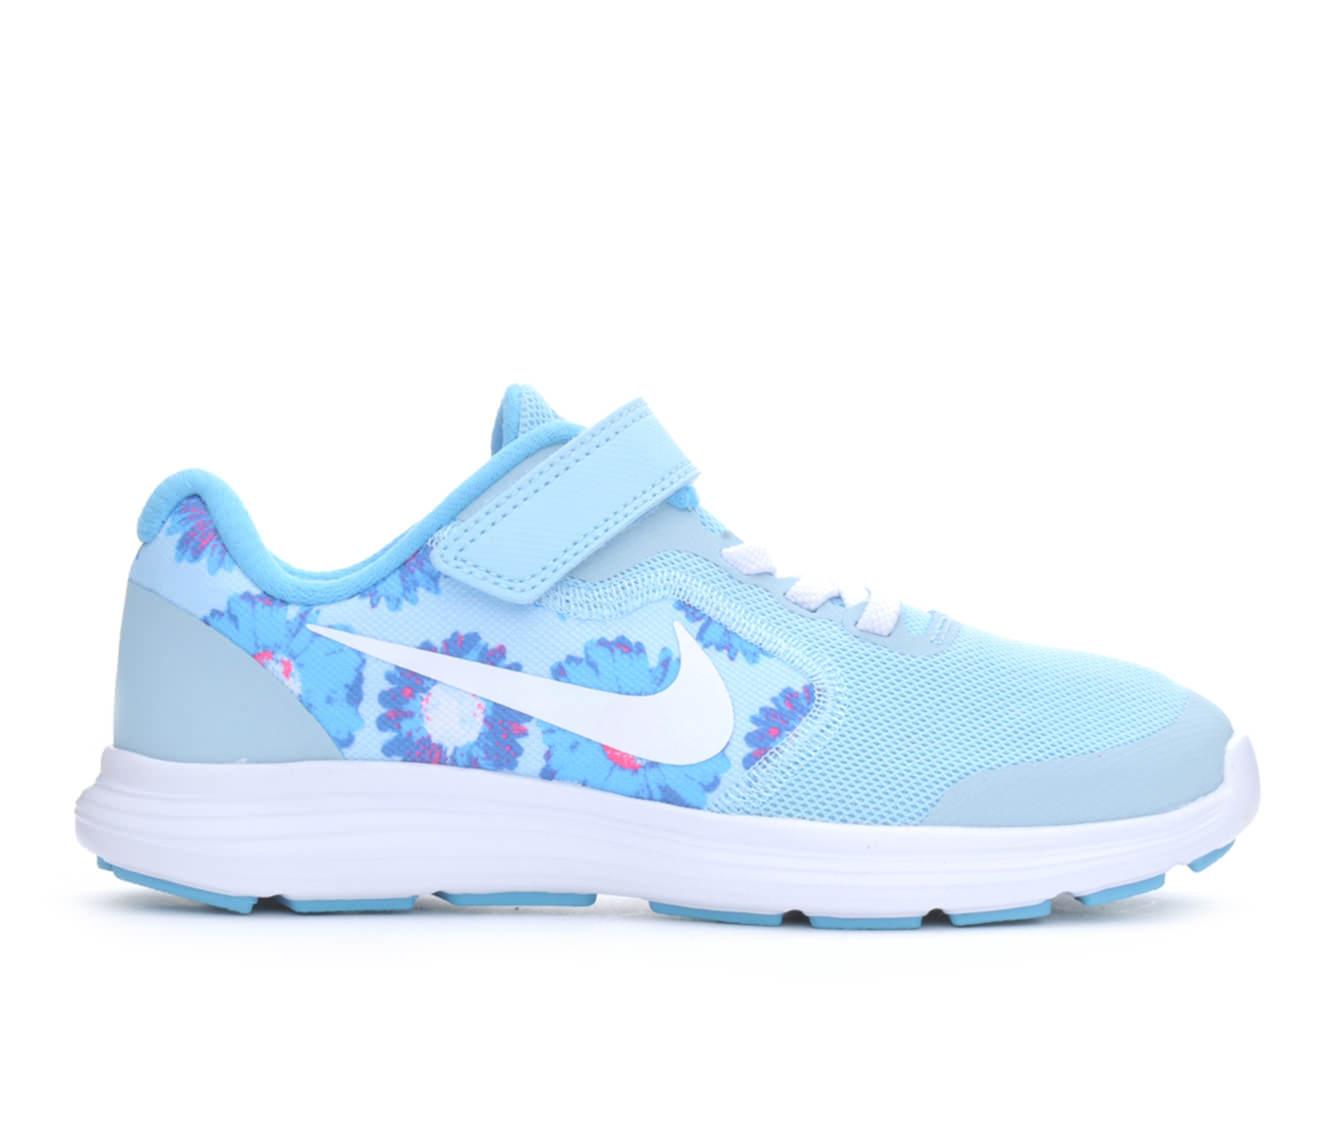 Girls' Nike Revolution 3 Print Running Shoes (Blue - Size 10.5 - Little Kid) 1646629